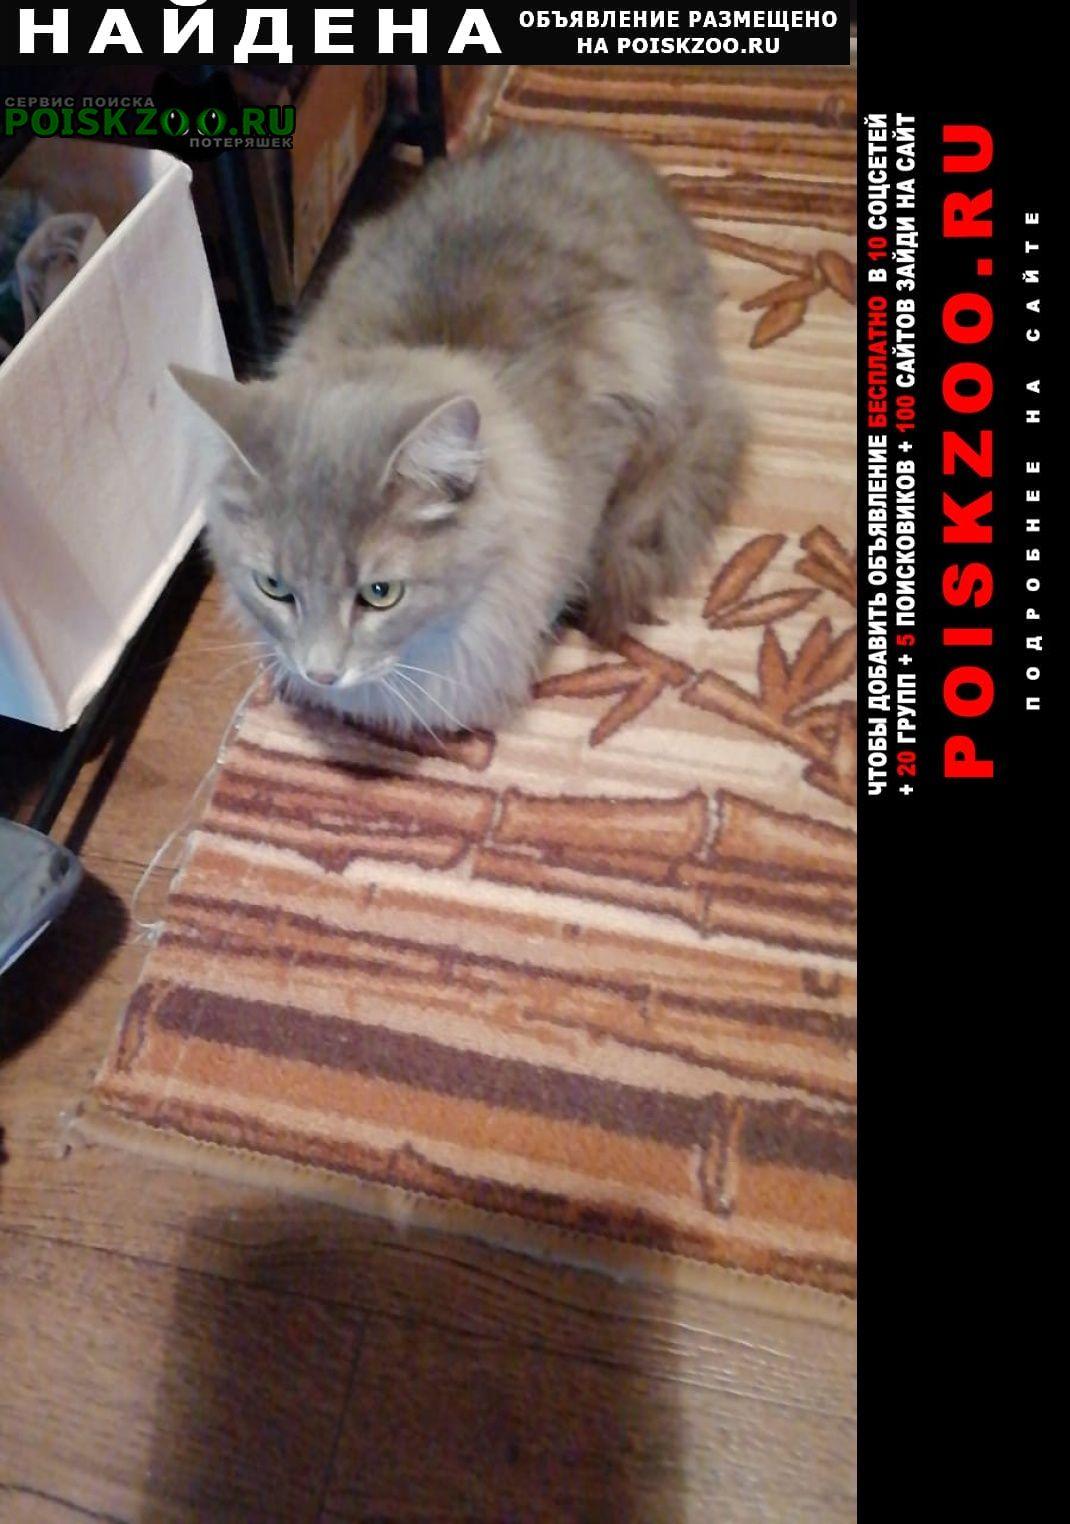 Найдена кошка прима парк, щербинка Москва